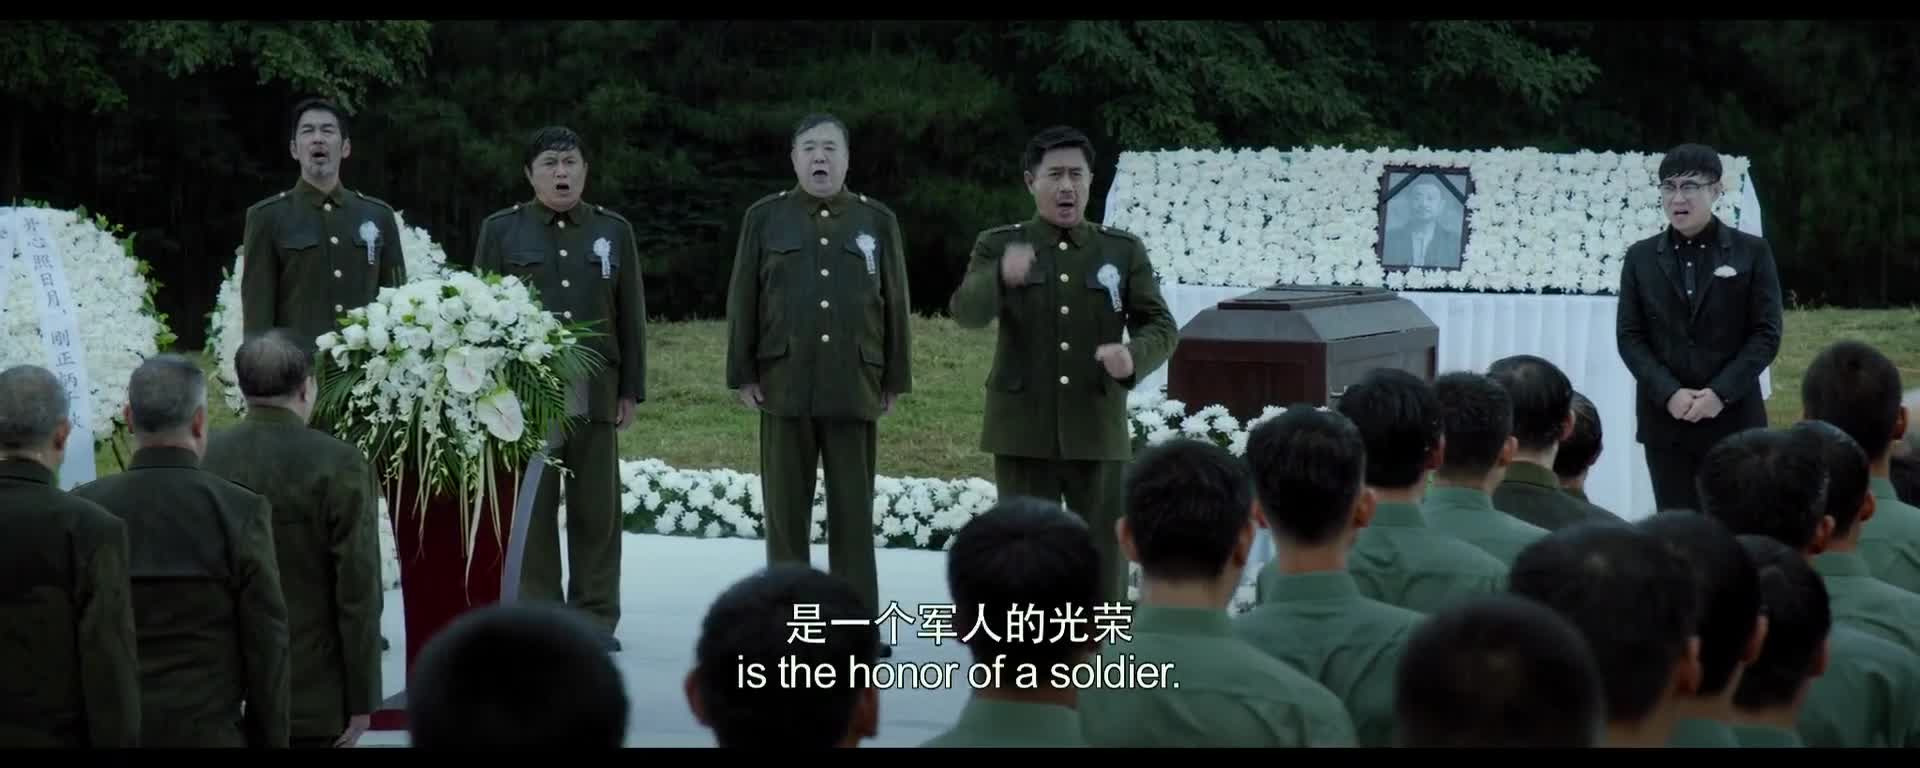 范英雄的战友们都来从他最后一成